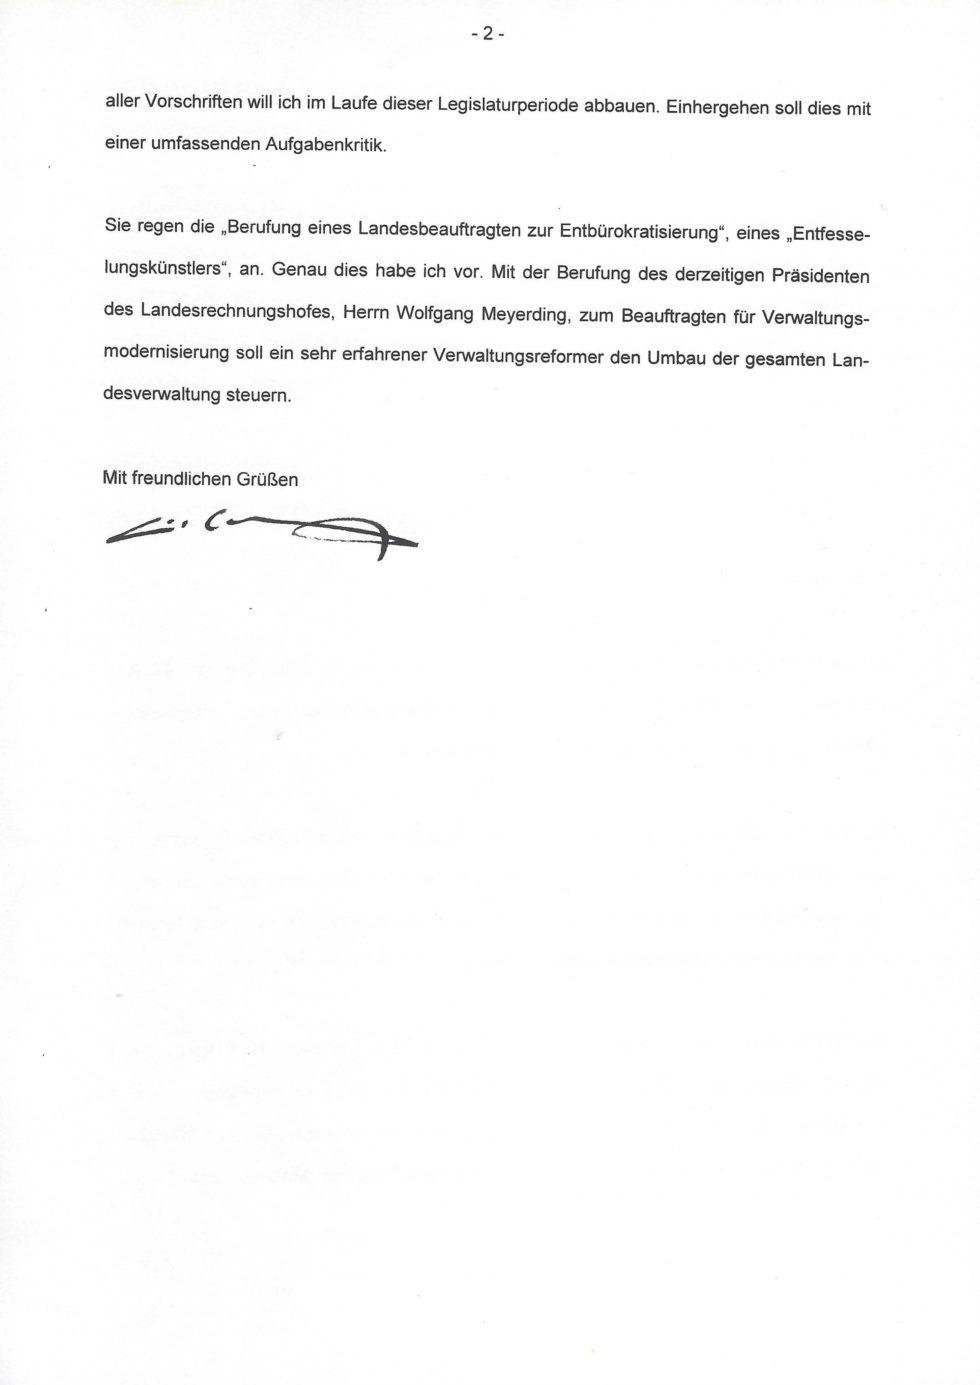 2003-2007 Schul-Projekte, Biografisches Schreiben, 10 Jahre LiteraTOUR_Seite_02